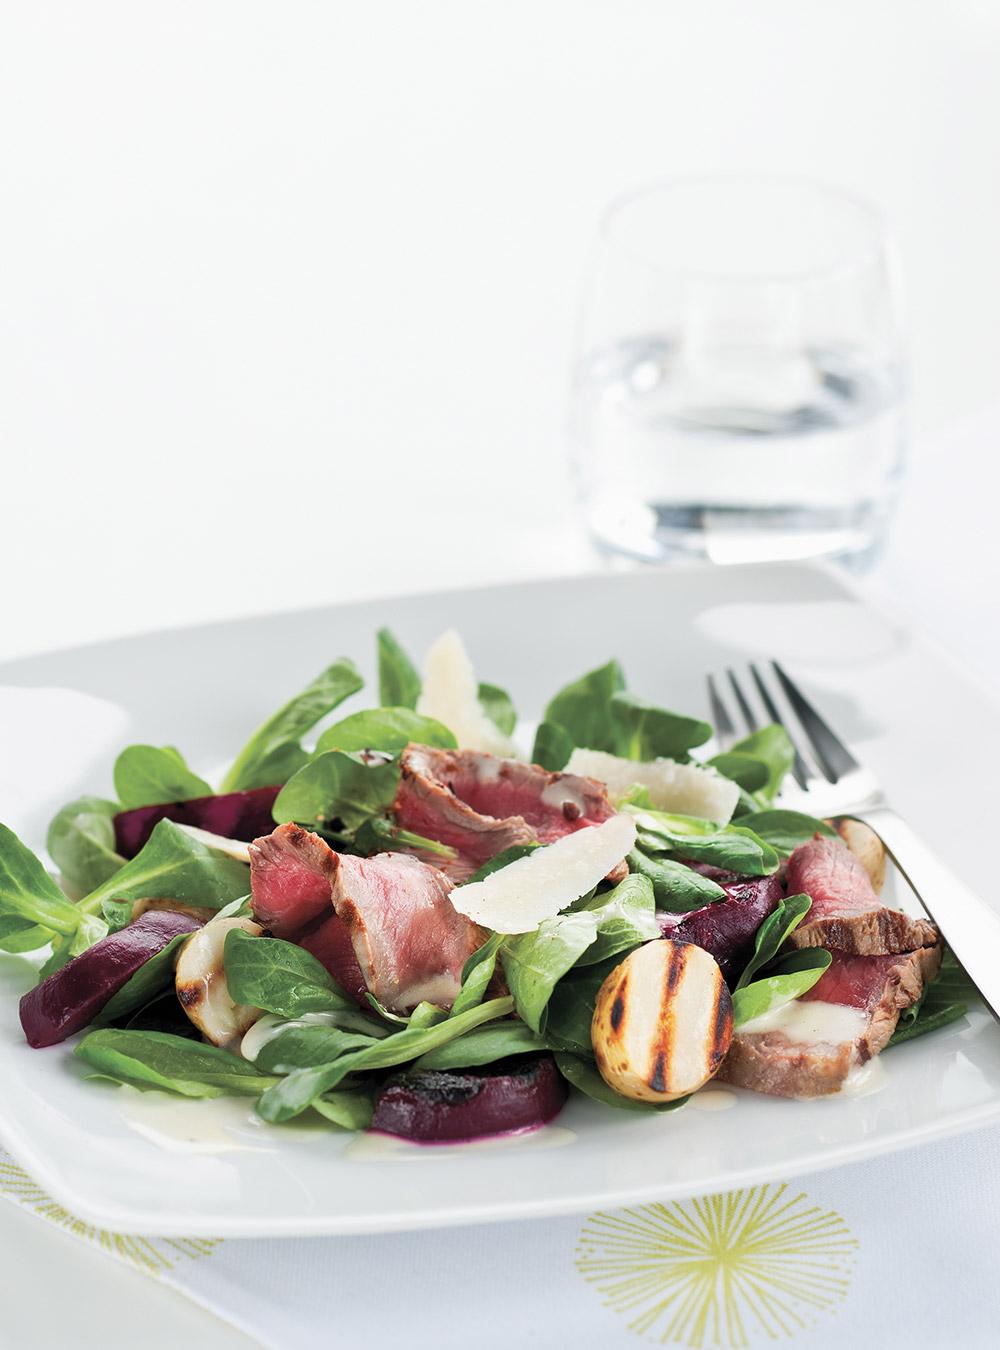 Salade de boeuf, de betteraves et de pommes de terre | ricardo